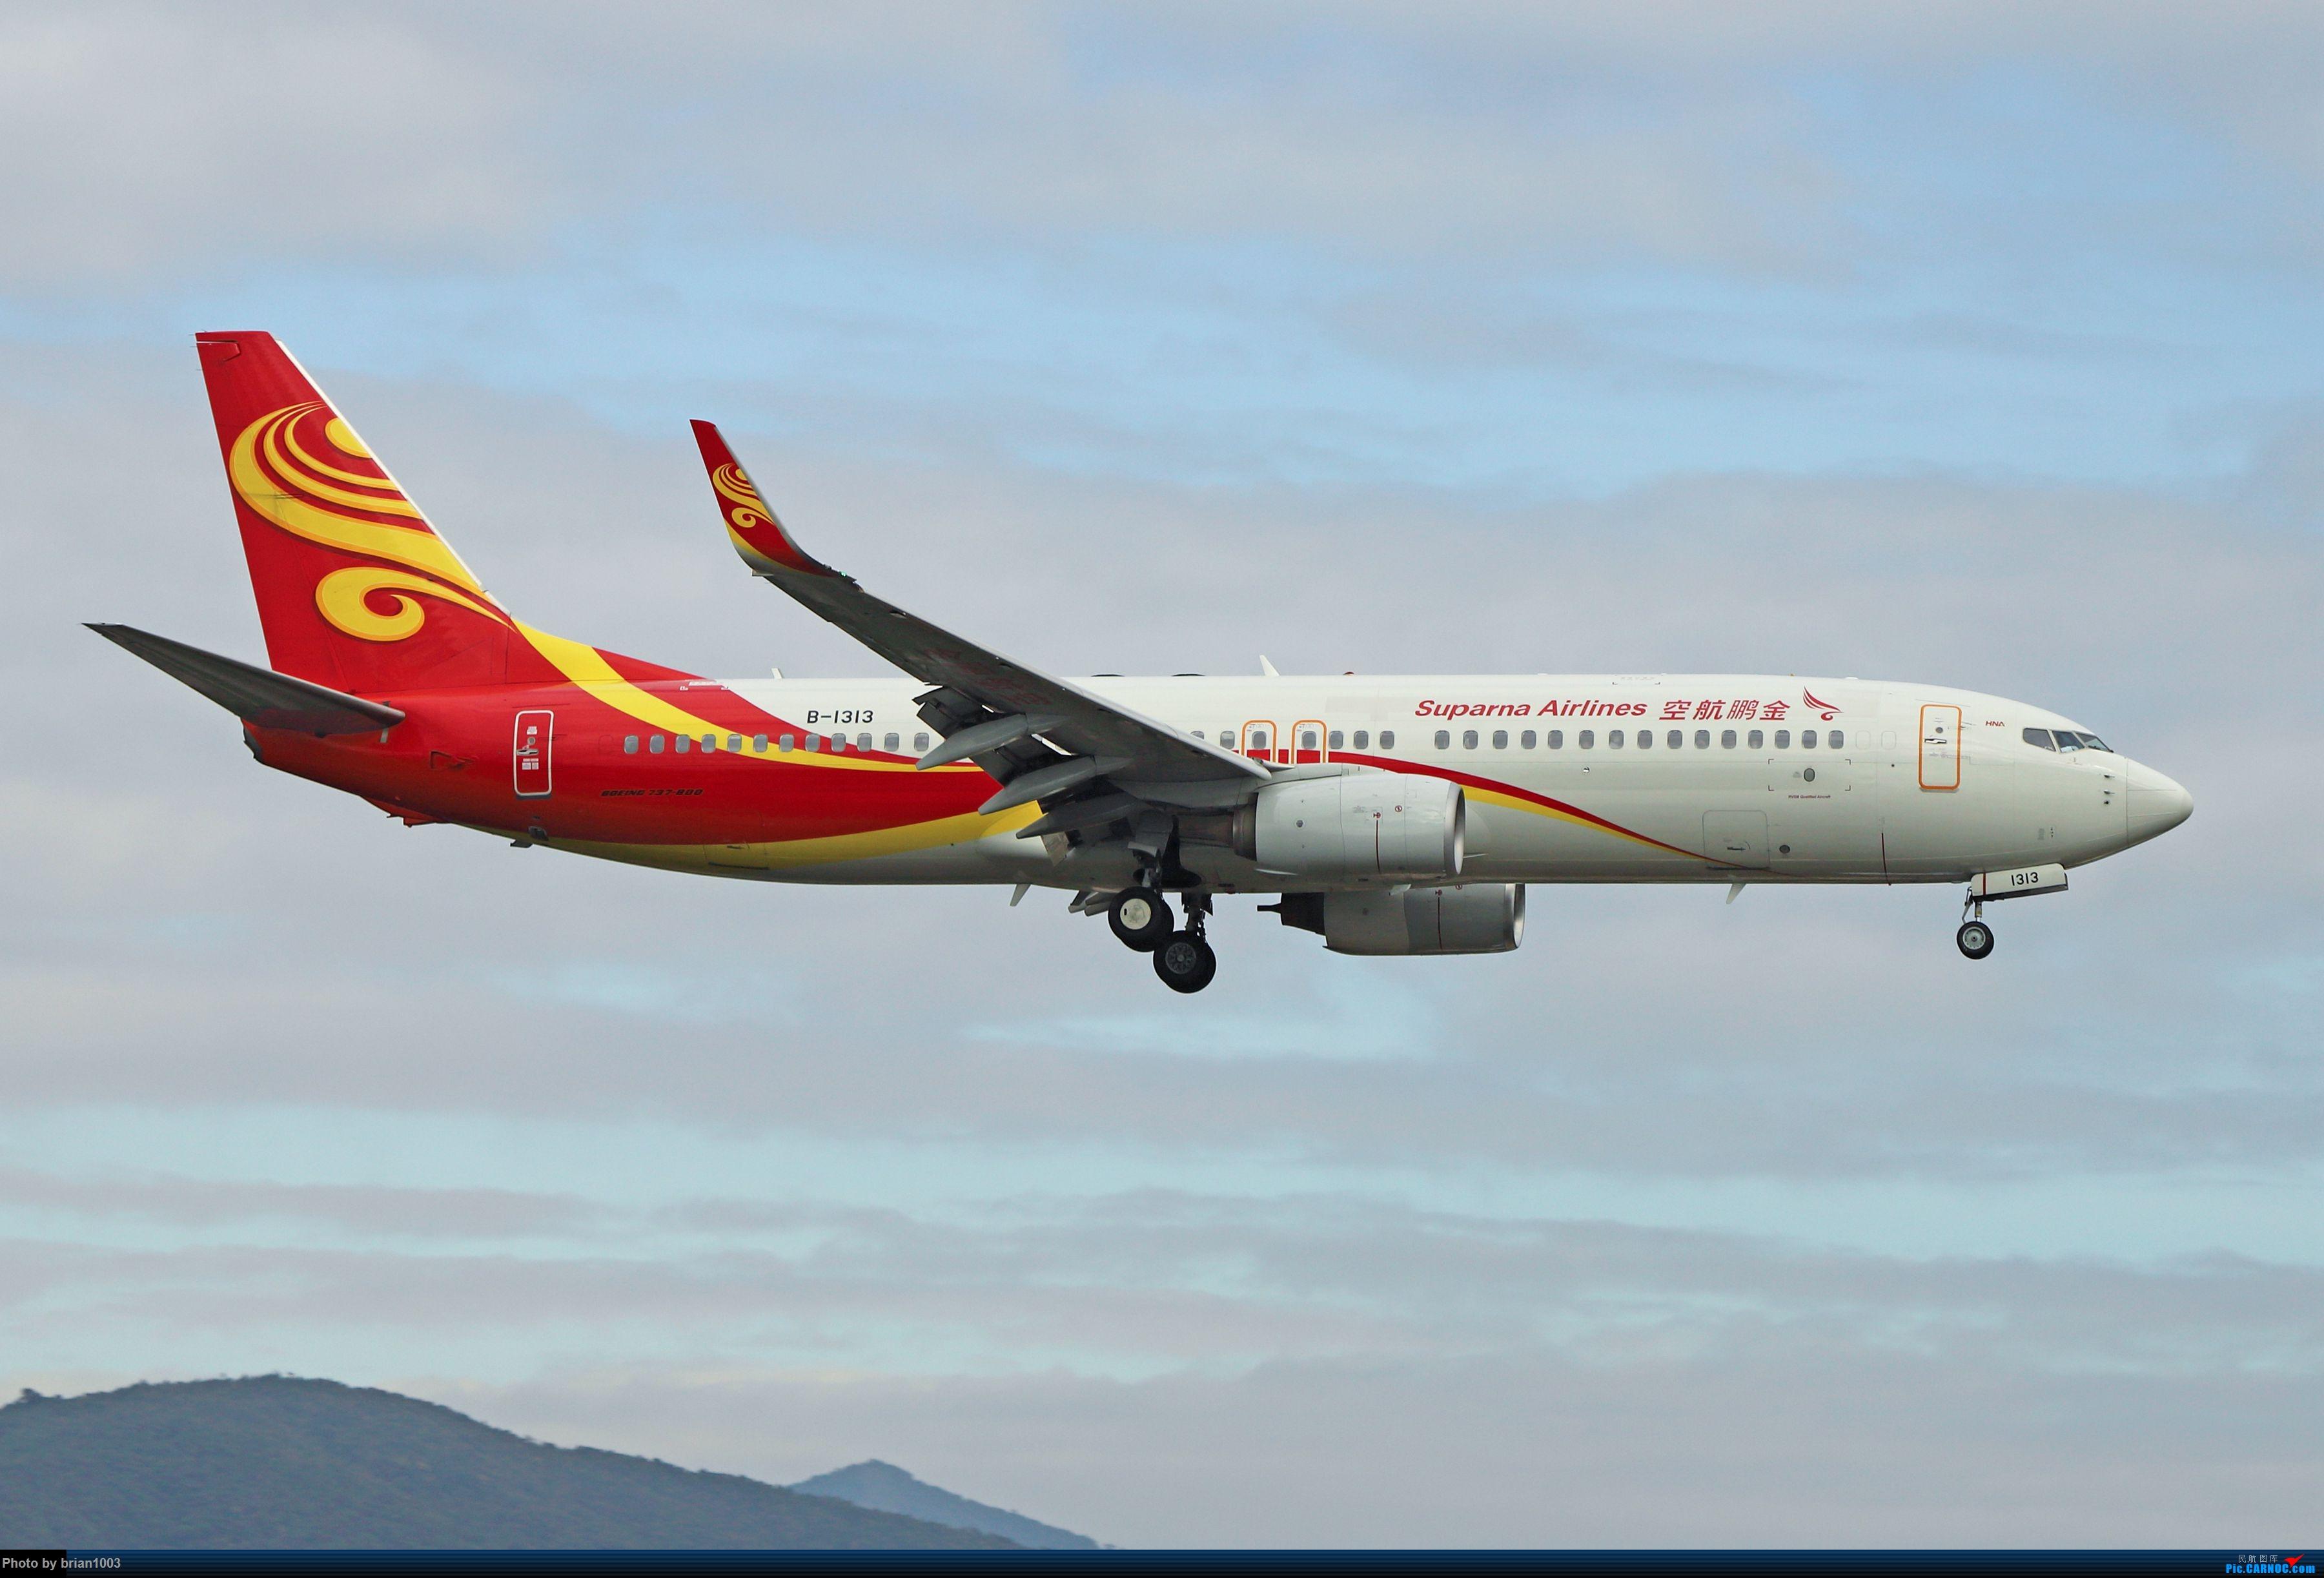 Re:[原创]CZ3347-CZ6734-HU7659,忙里偷闲的三亚拍机之行 BOEING 737-800 B-1313 中国三亚凤凰国际机场